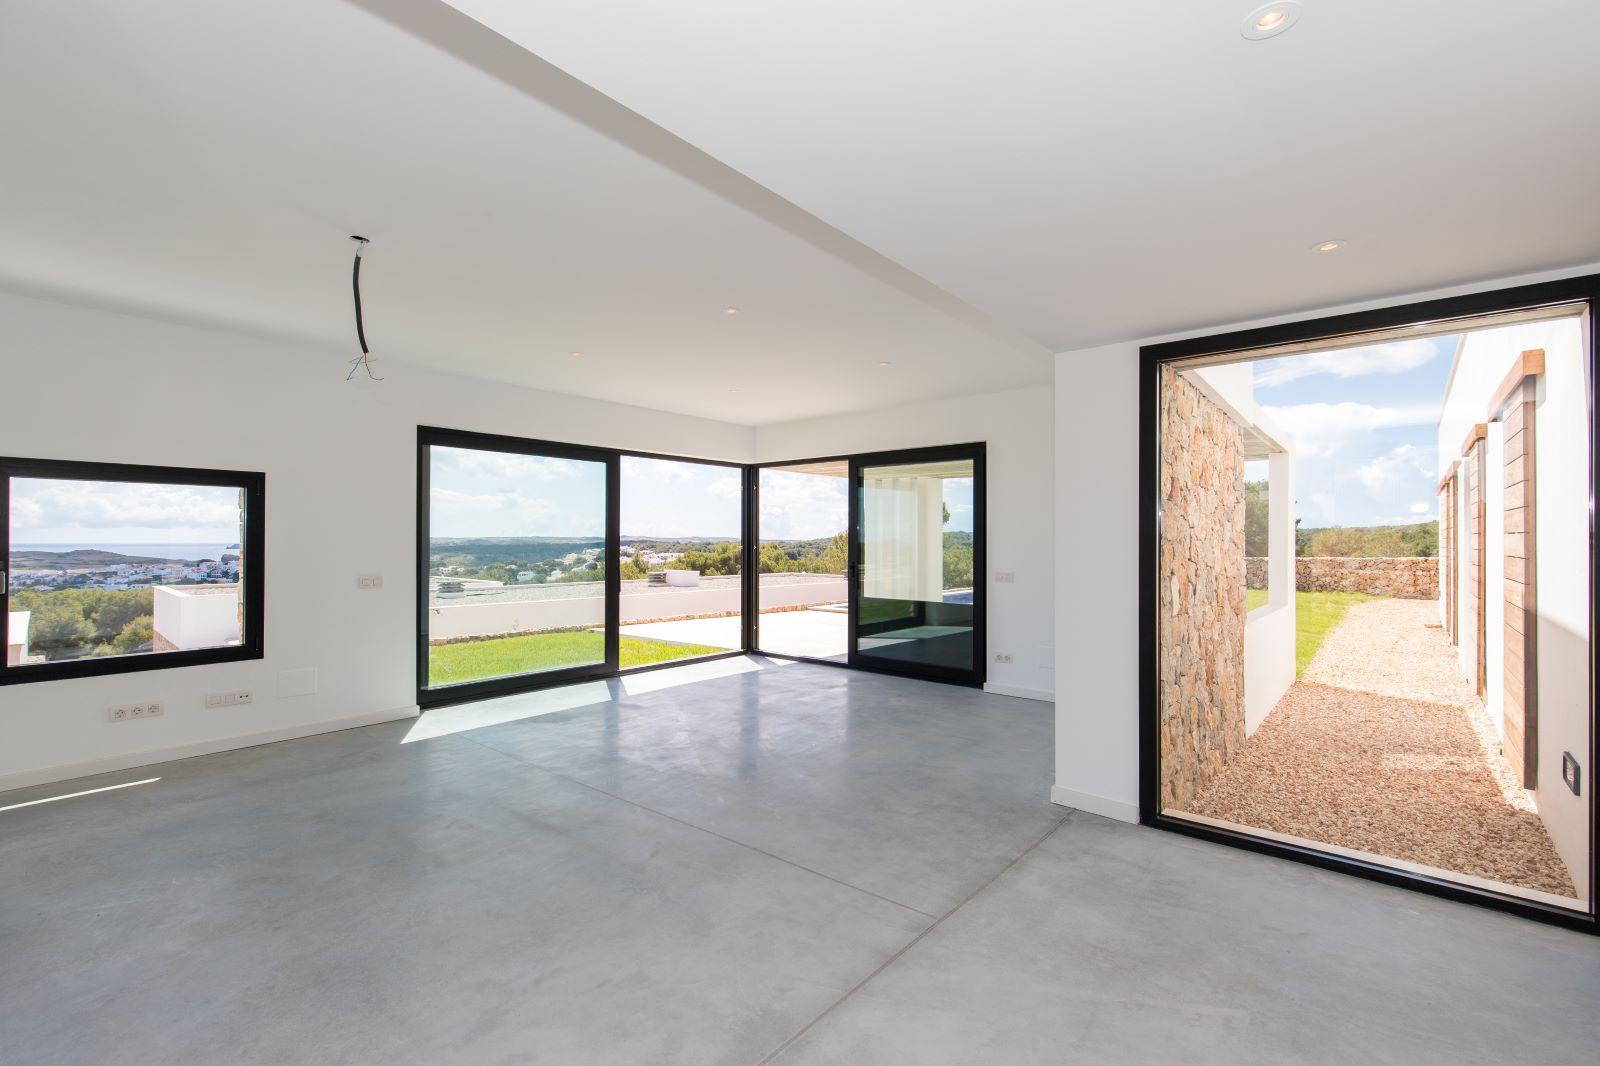 Villa in Coves Noves Ref: H2501 (3) 7